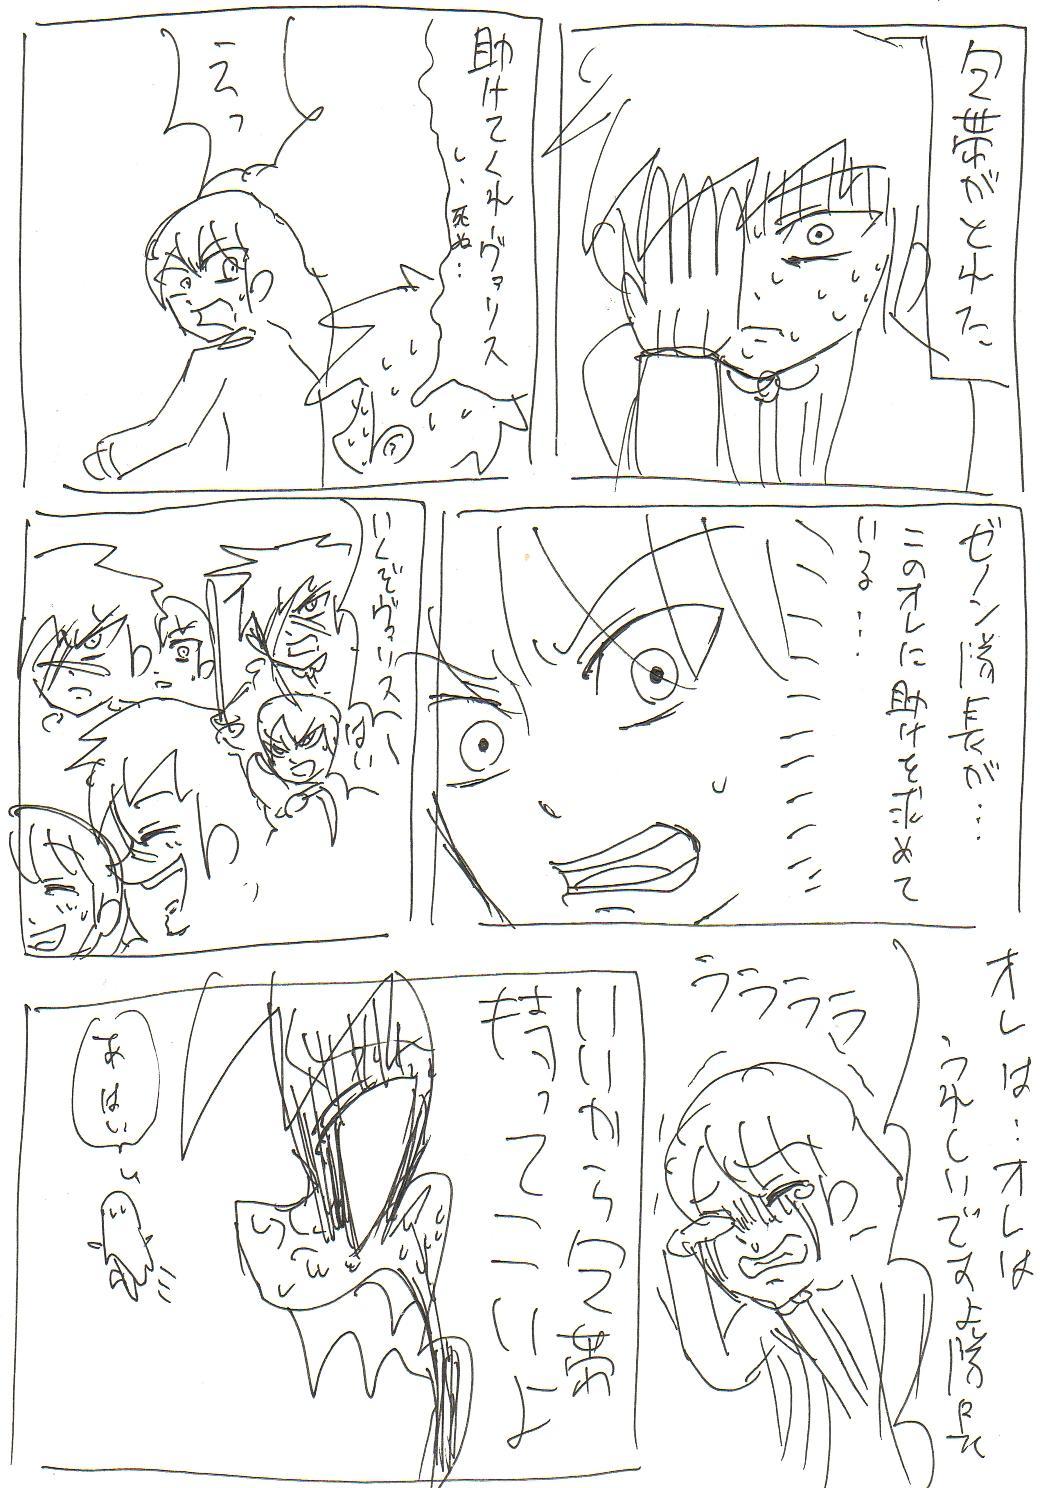 ☆13やっぱ残念か!!ヴァリスさん!!